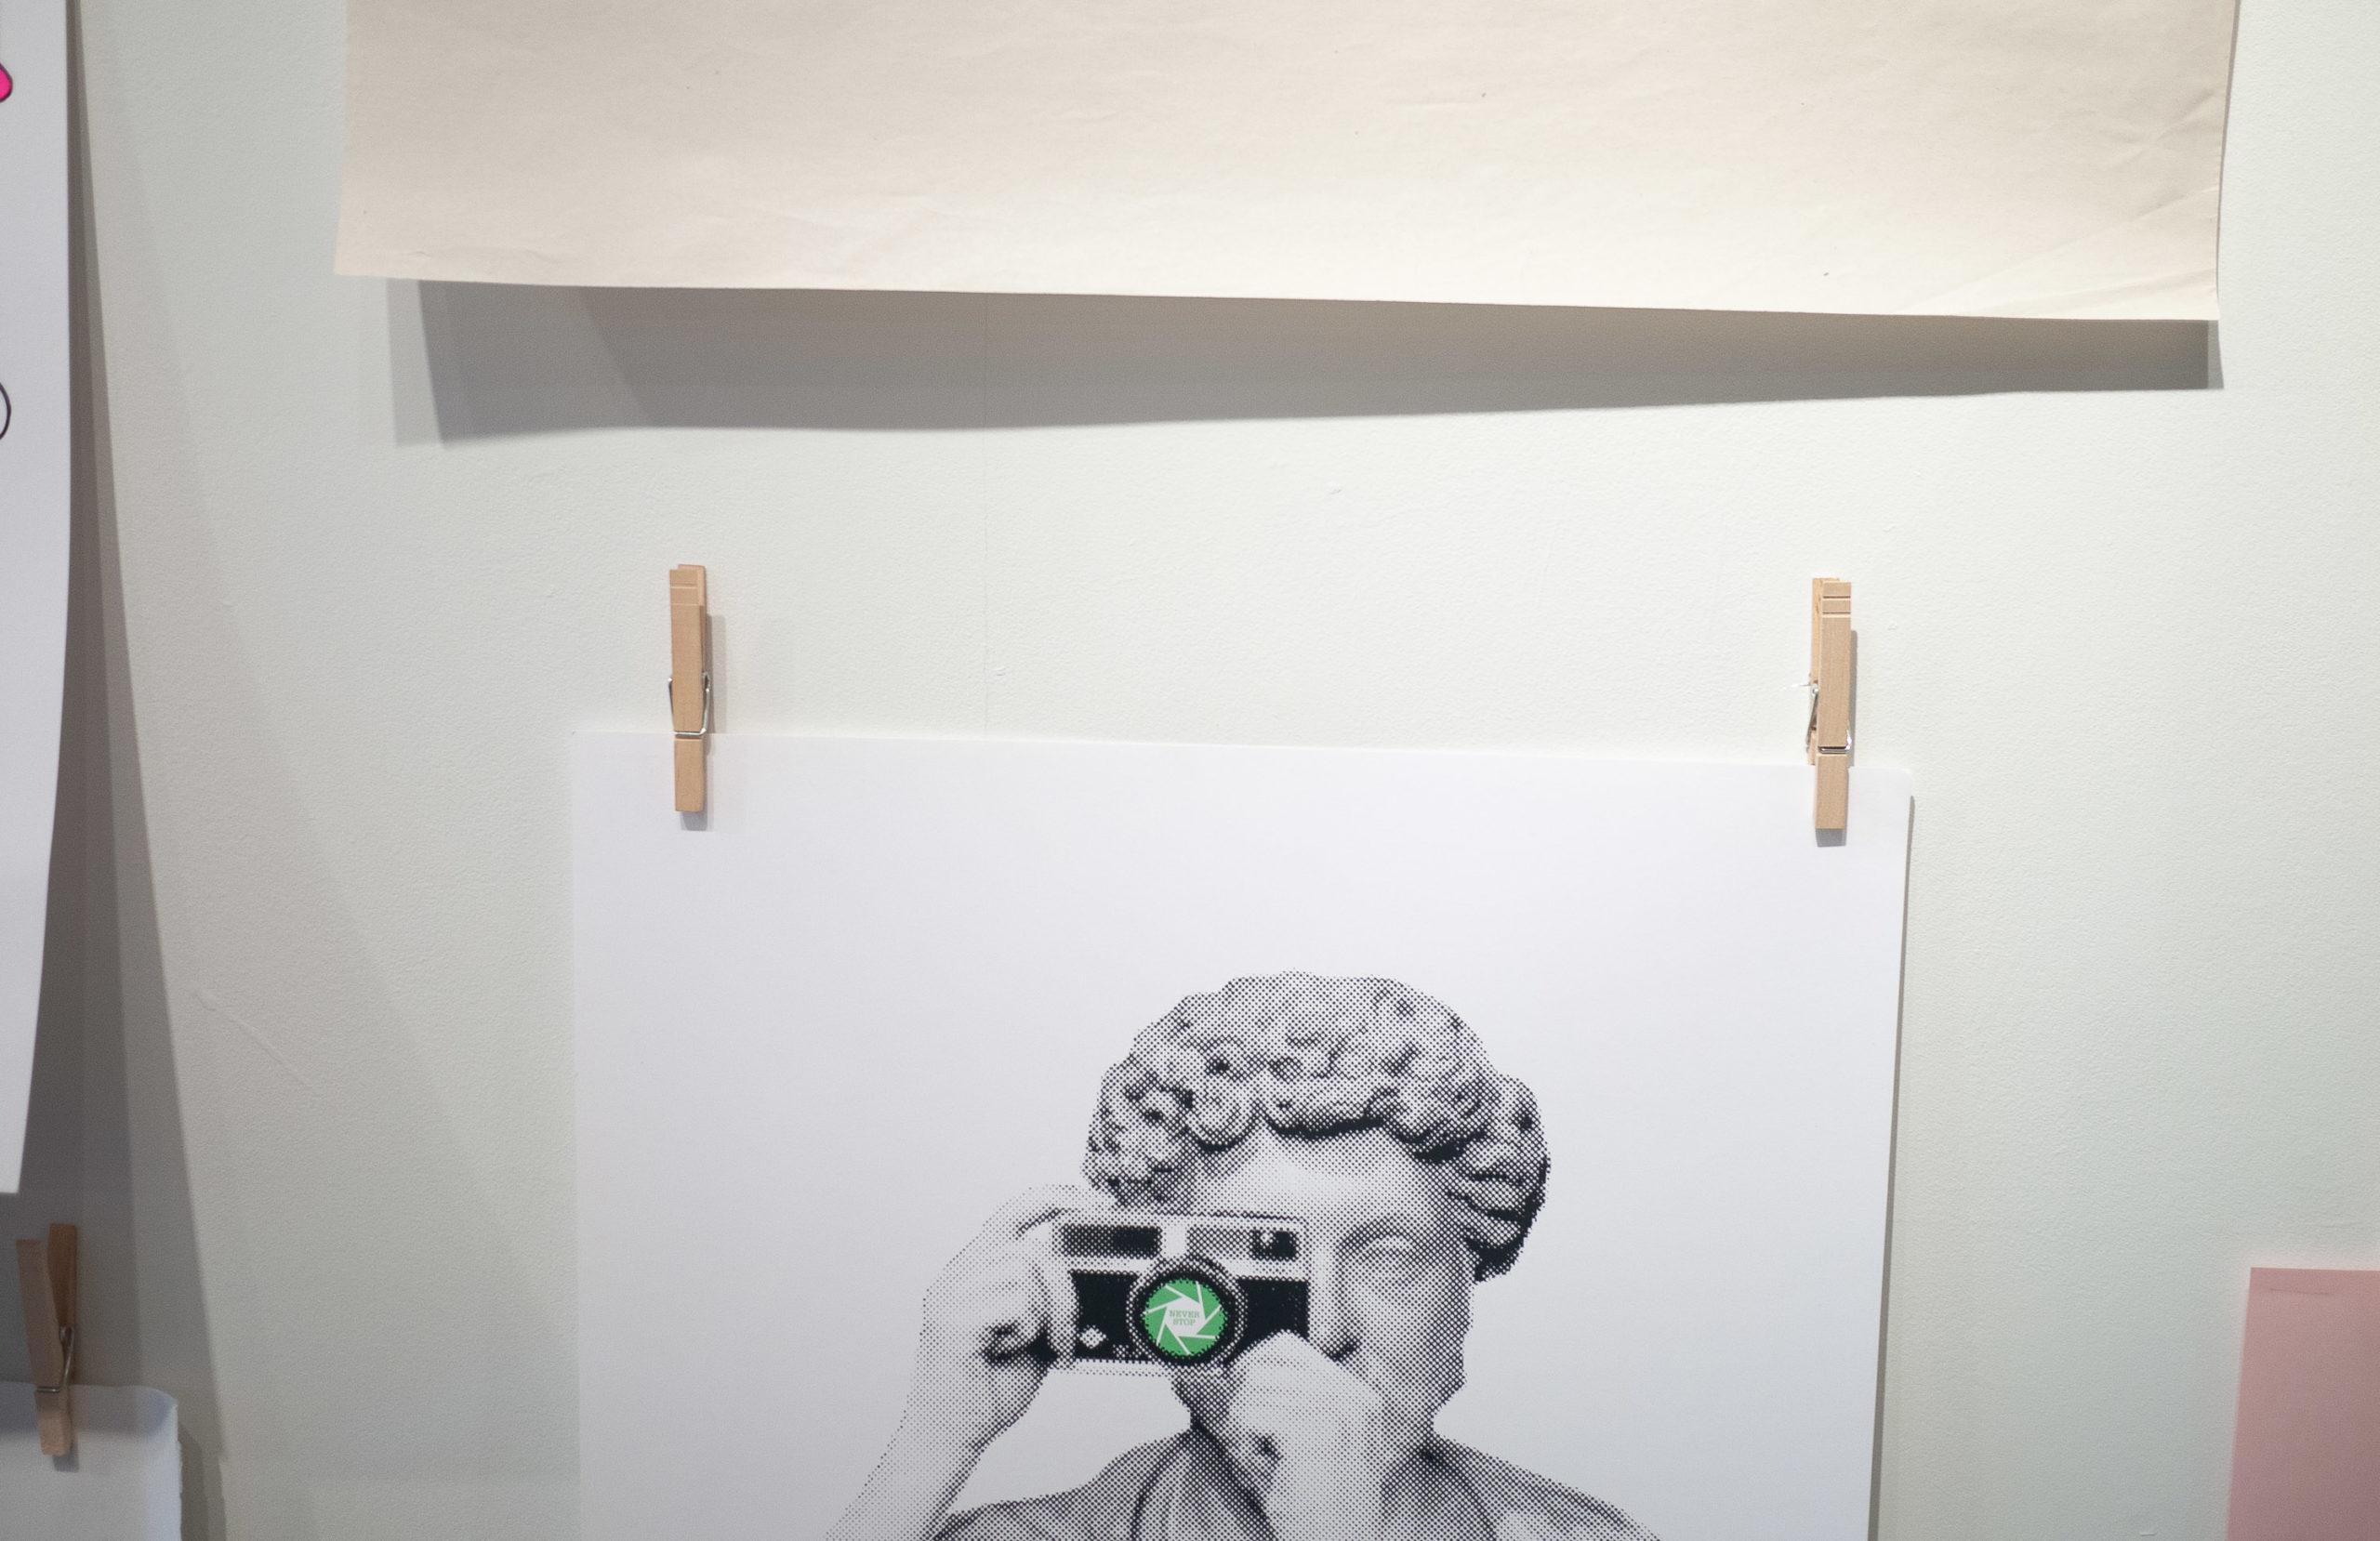 A screen printed poster of venus de milo holding a camera